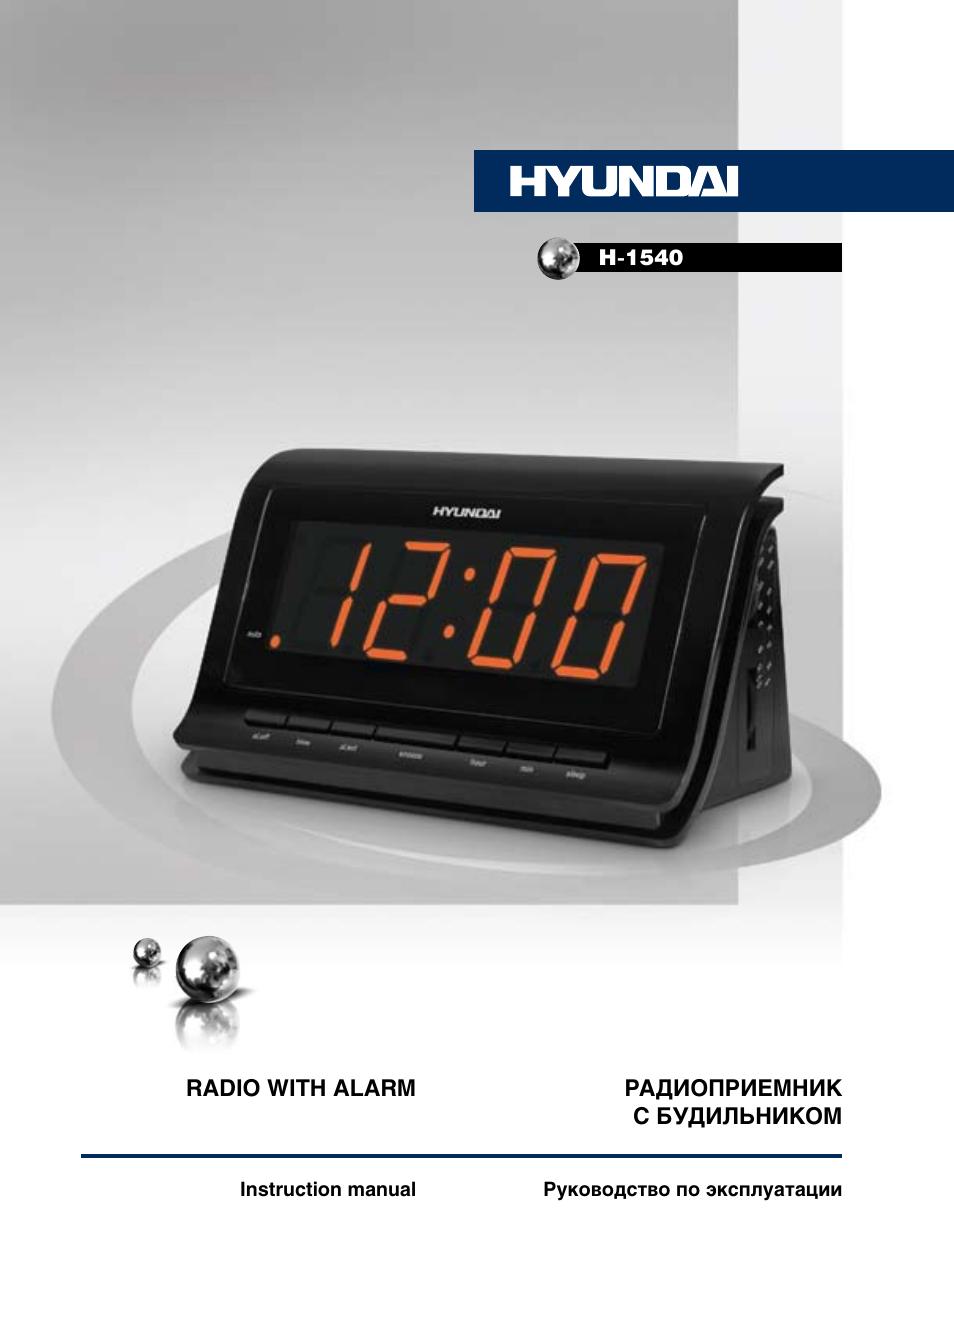 Каталог / аудиотехника / портативная аудиотехника / радиоприемники / hyundai /.